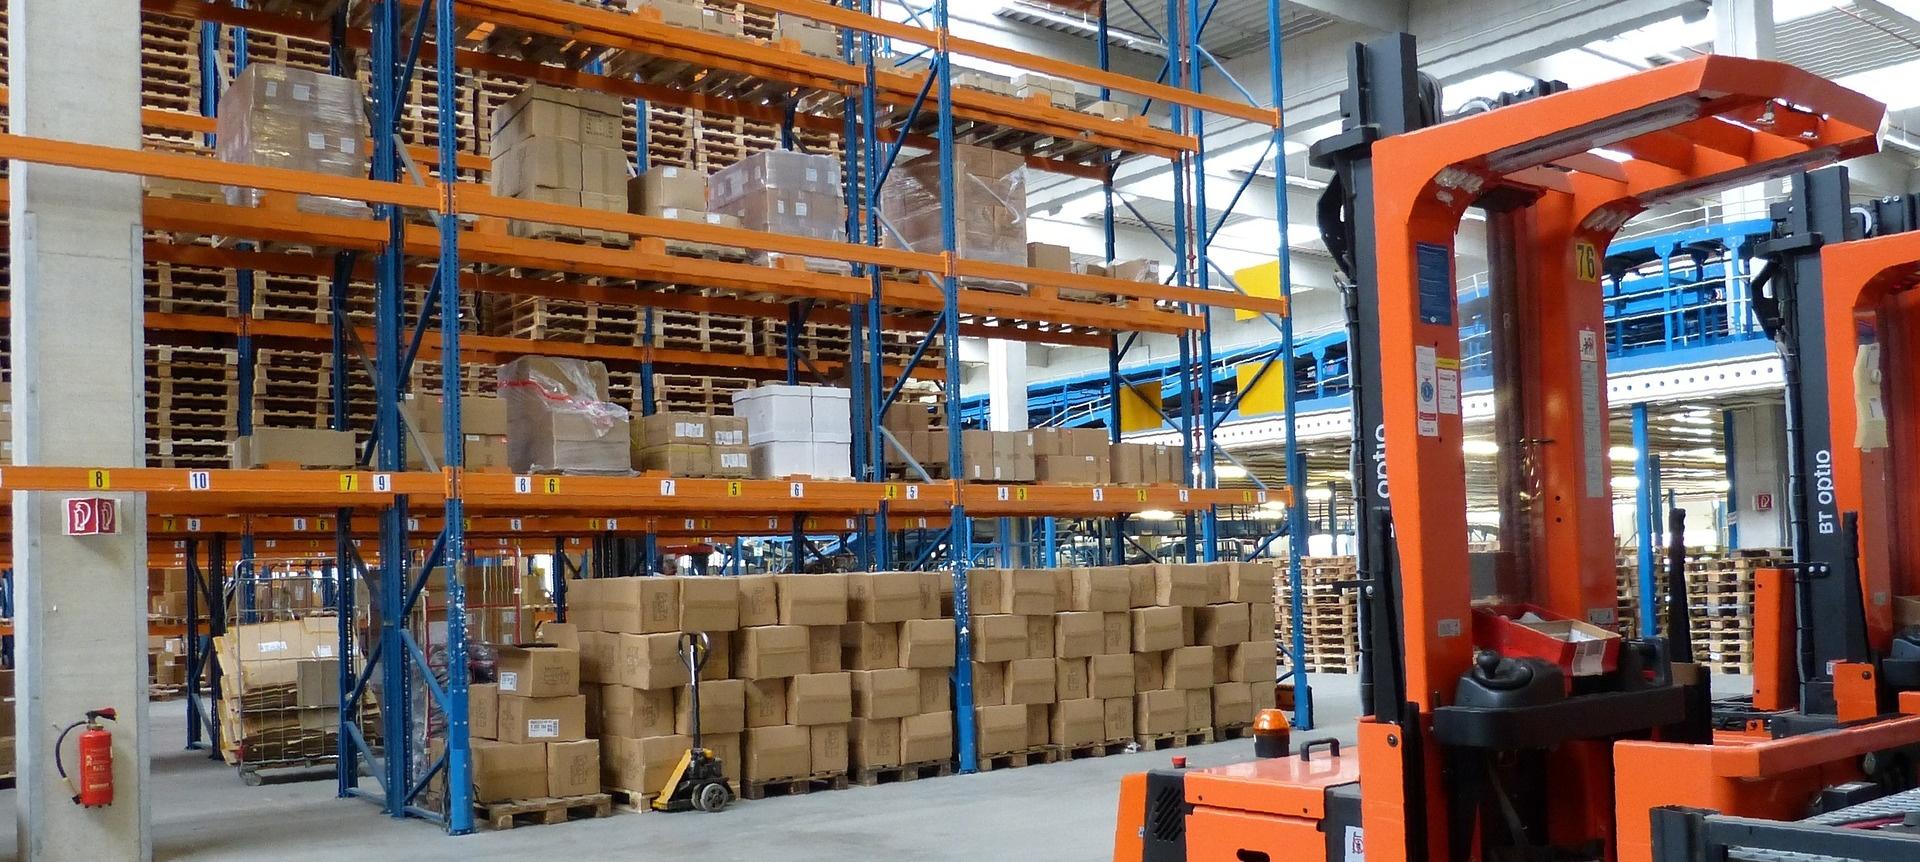 Versicherung Bad Münstereifel - Die Inhaltsversicherung sorgt dafür, daß der Betrieb im Falle eines unvorhersehbaren Schadens weiterarbeiten kann